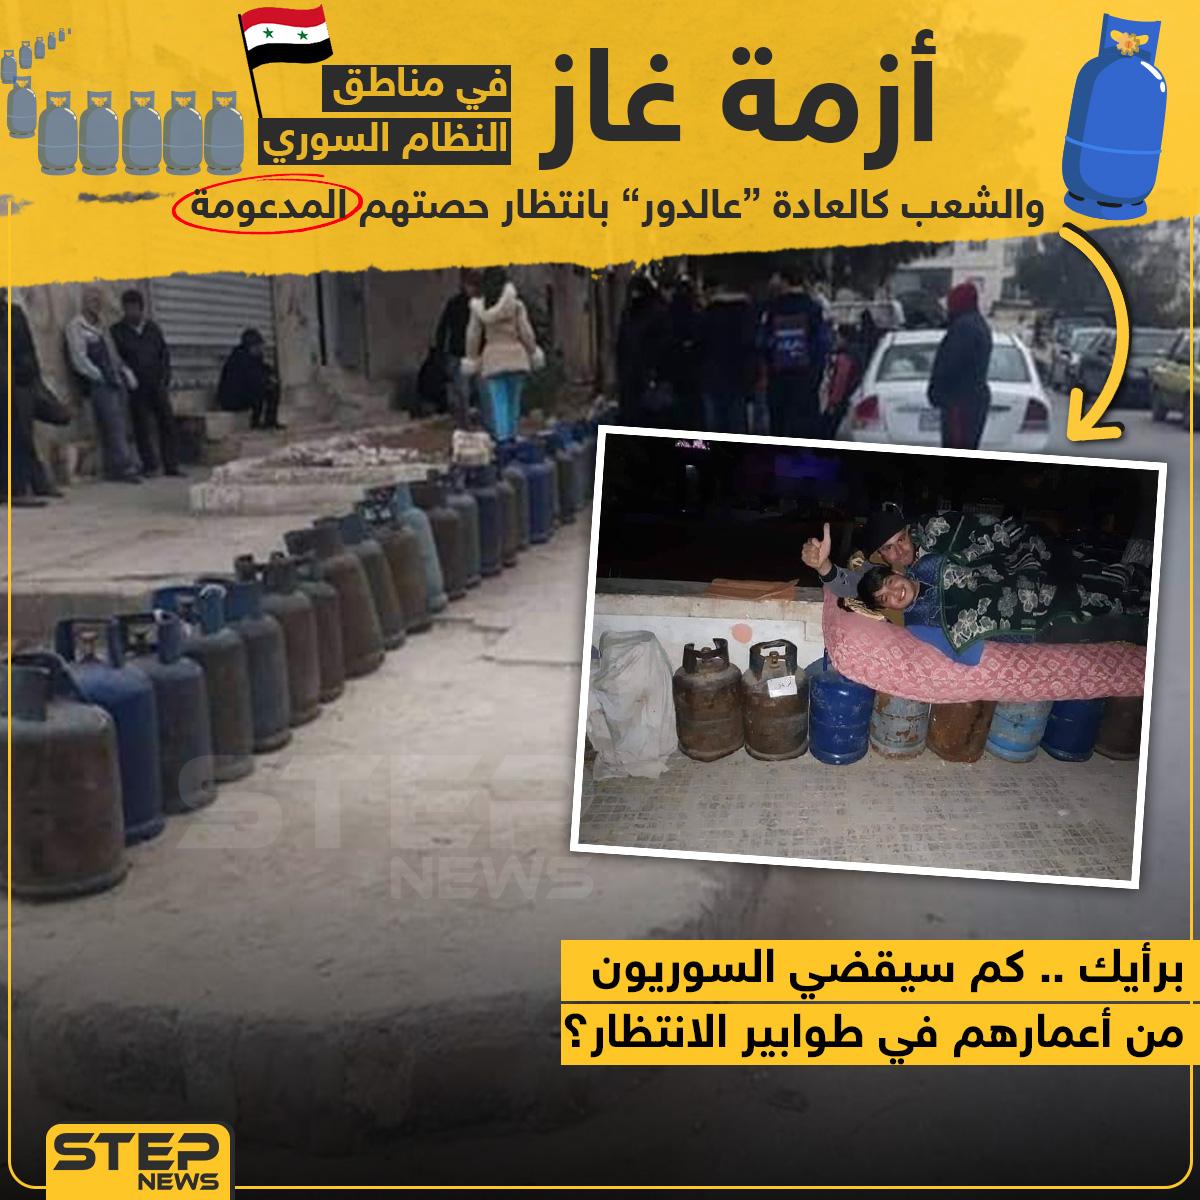 استمرار أزمة الغاز في مناطق النظام السوري ?